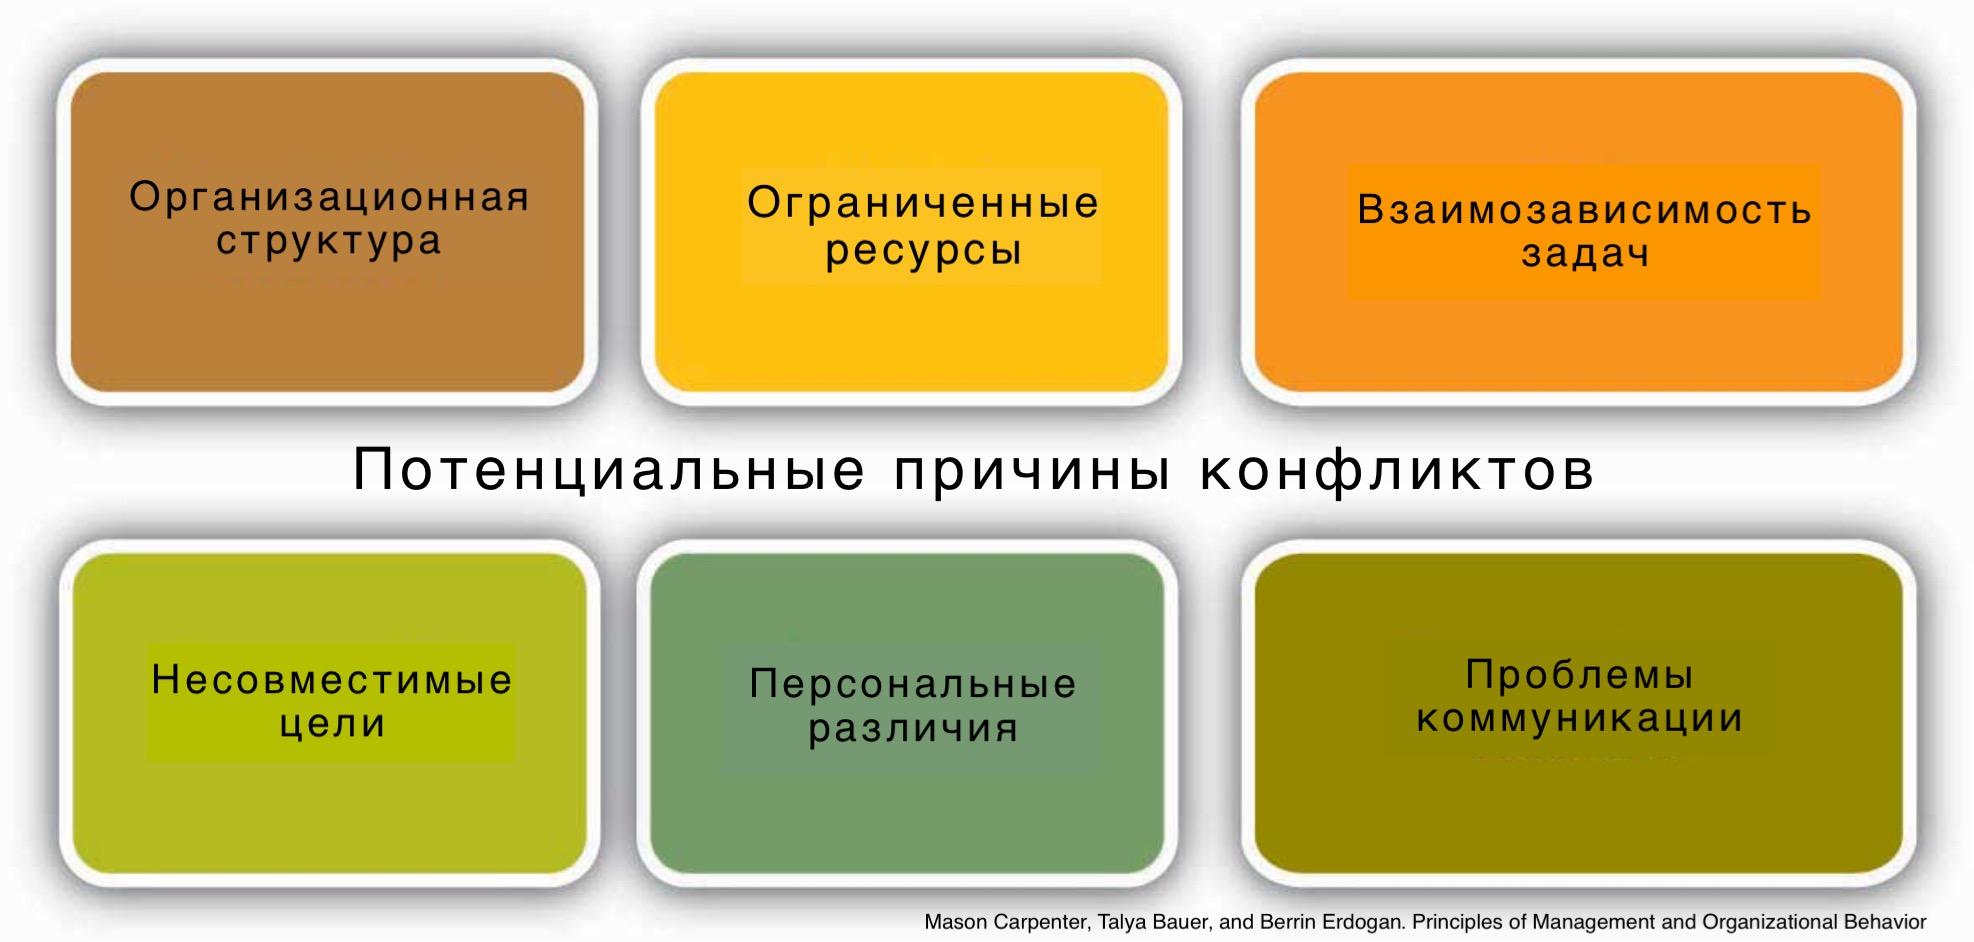 Потенциальные причины организационных конфликтов